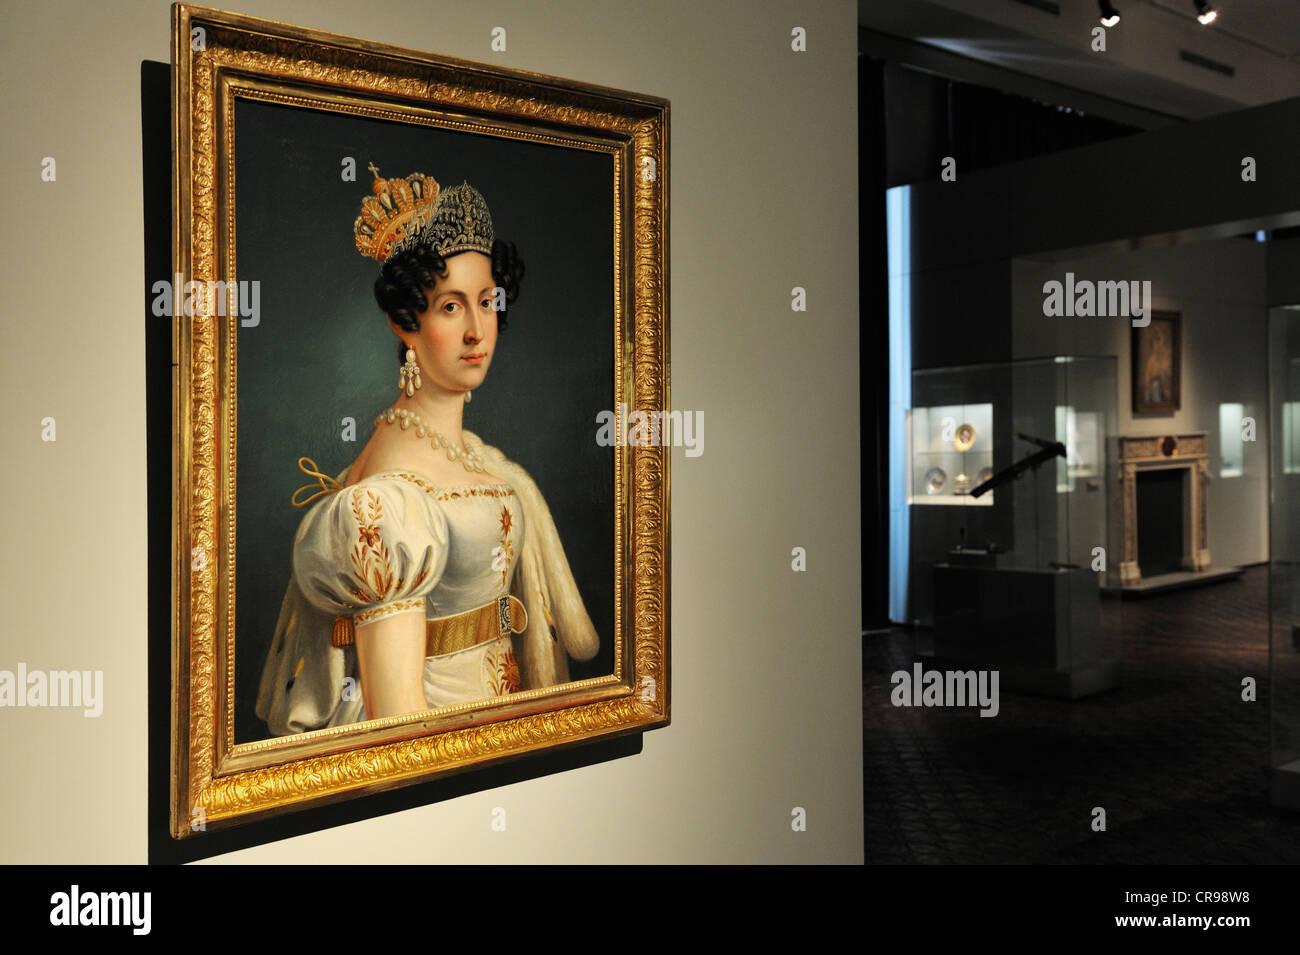 Pittura, olio su tela, Regina Teresa, moglie di re Ludwig I, 1833, Museo Nazionale Bavarese, Monaco di Baviera, Immagini Stock